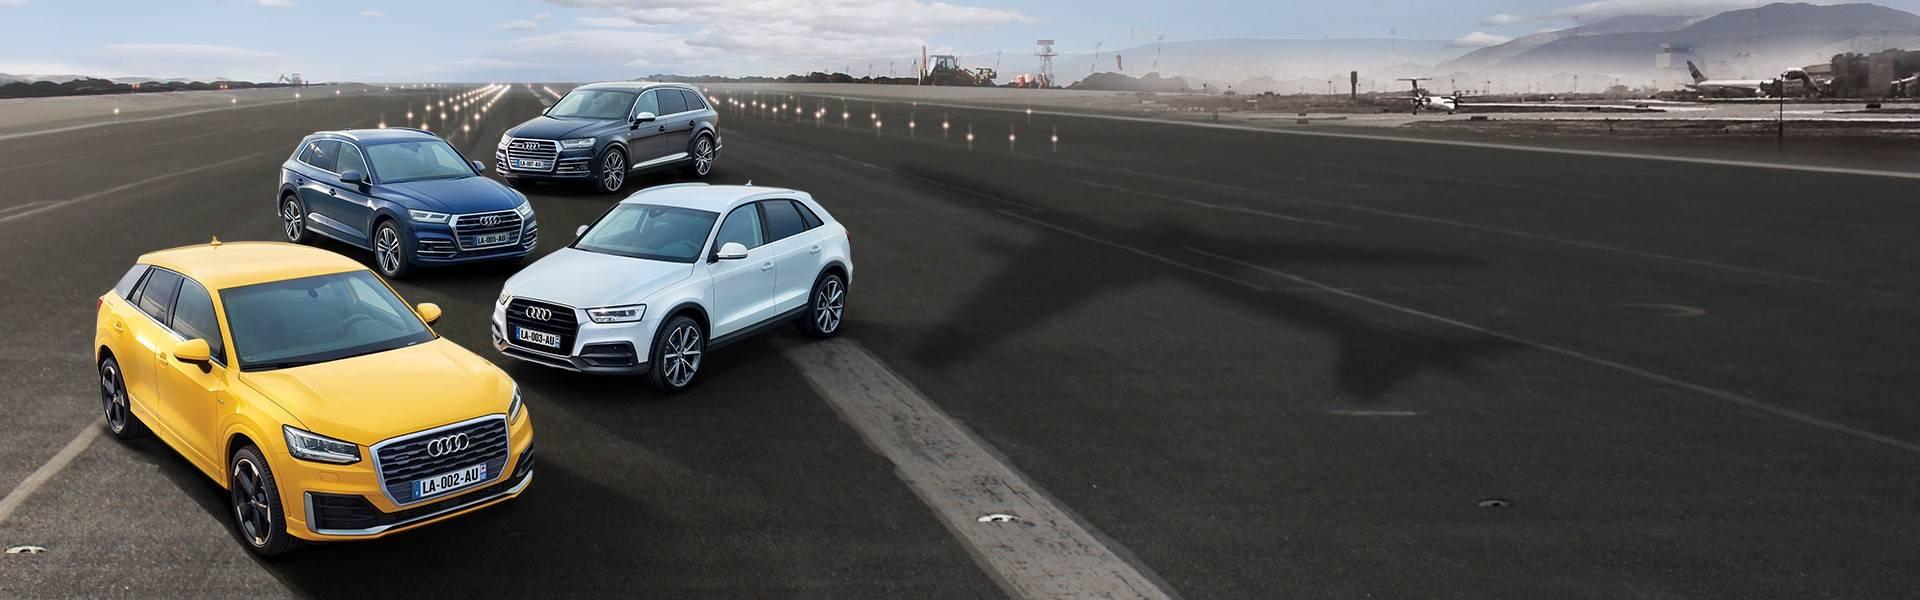 Audi rent location de voiture Paris courte durée